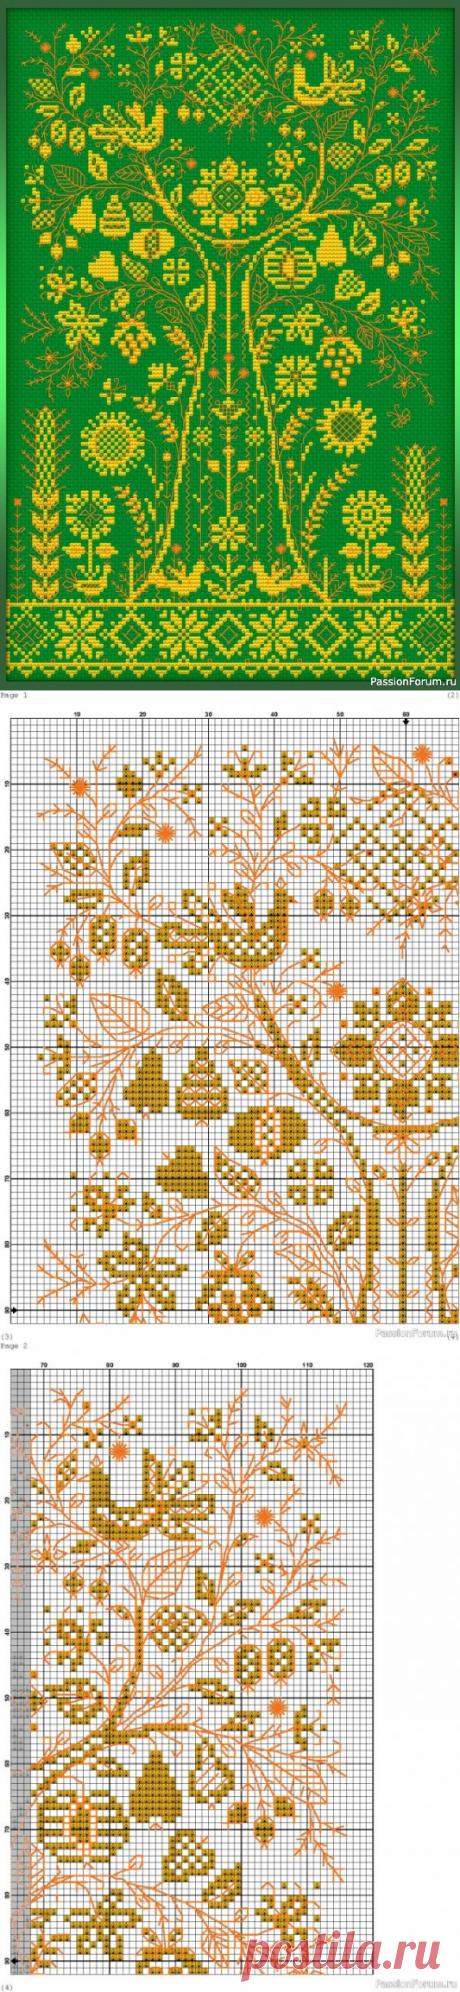 Макошь. Схема | Схемы вышивки крестом, вышивка крестиком